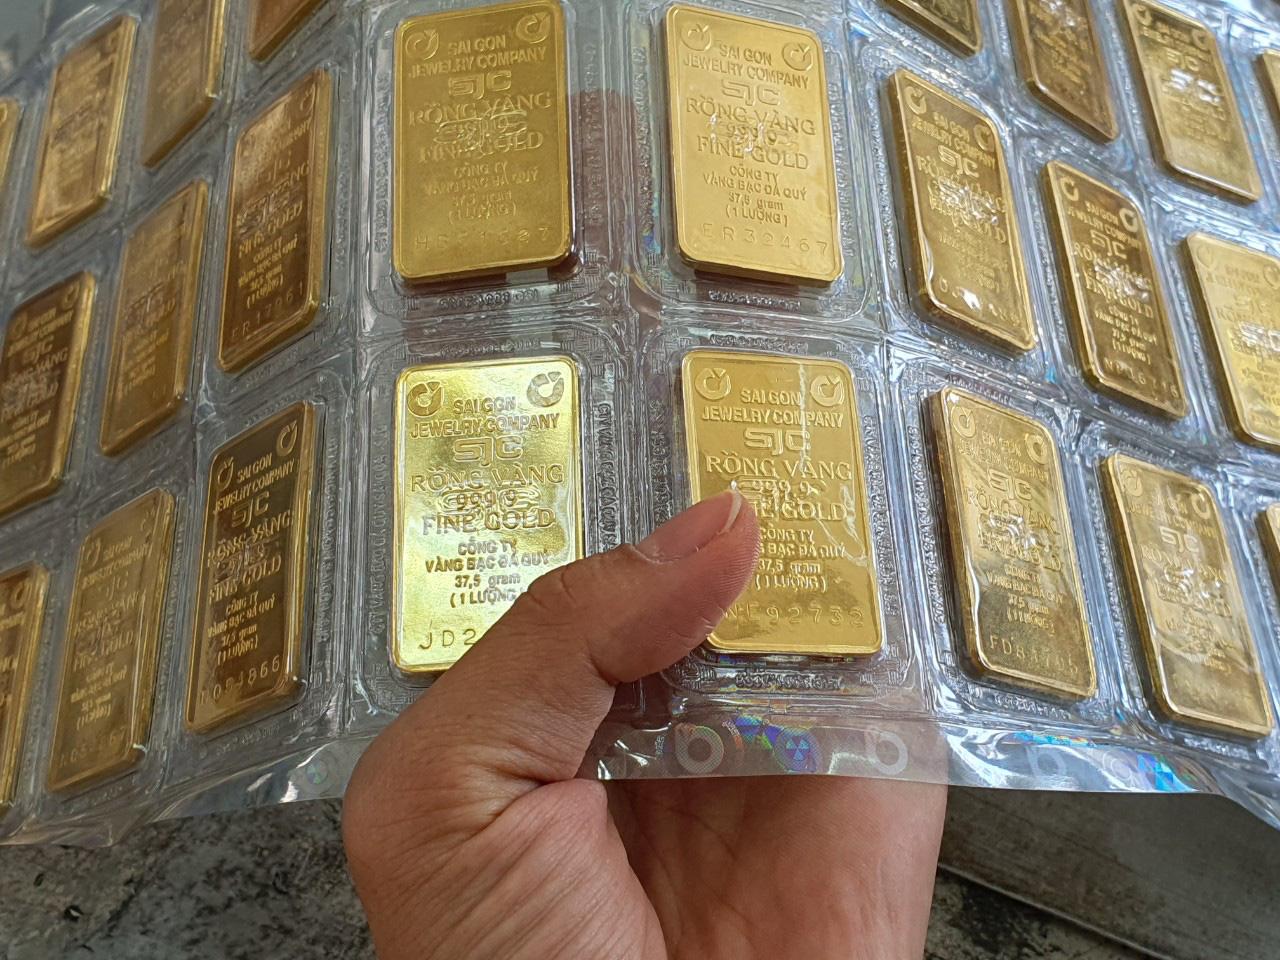 [eMagazine] Giá vàng đảo điên, nhà đầu tư run tay, vàng lậu rình rập - Ảnh 10.